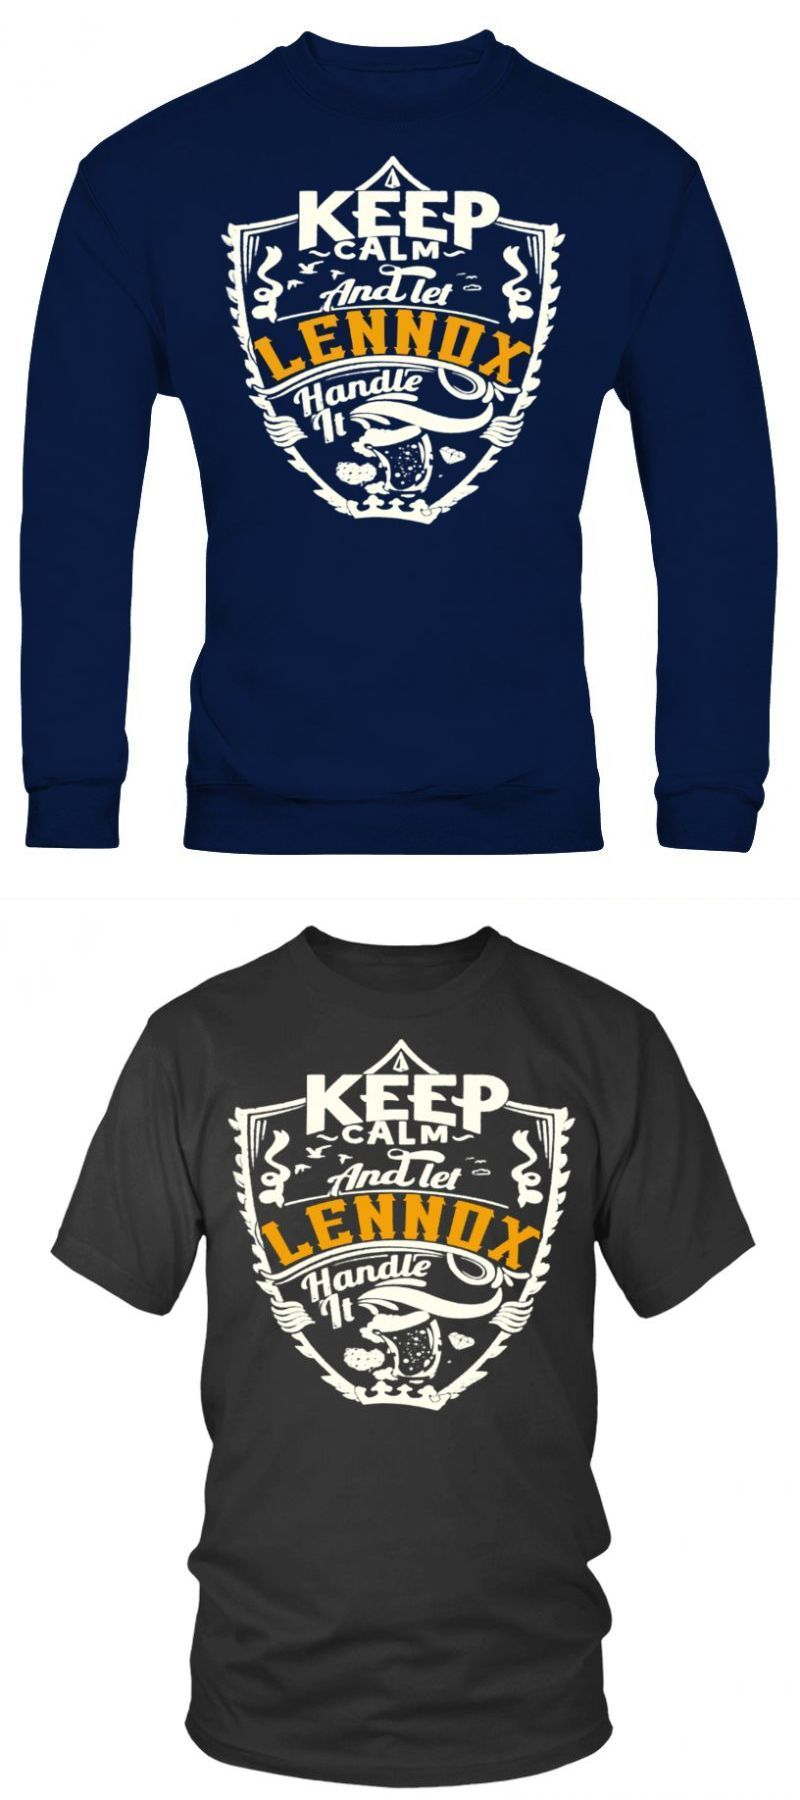 Nike T Shirt Basketball Never Stops Lennox T Shirt Adidas Basketball